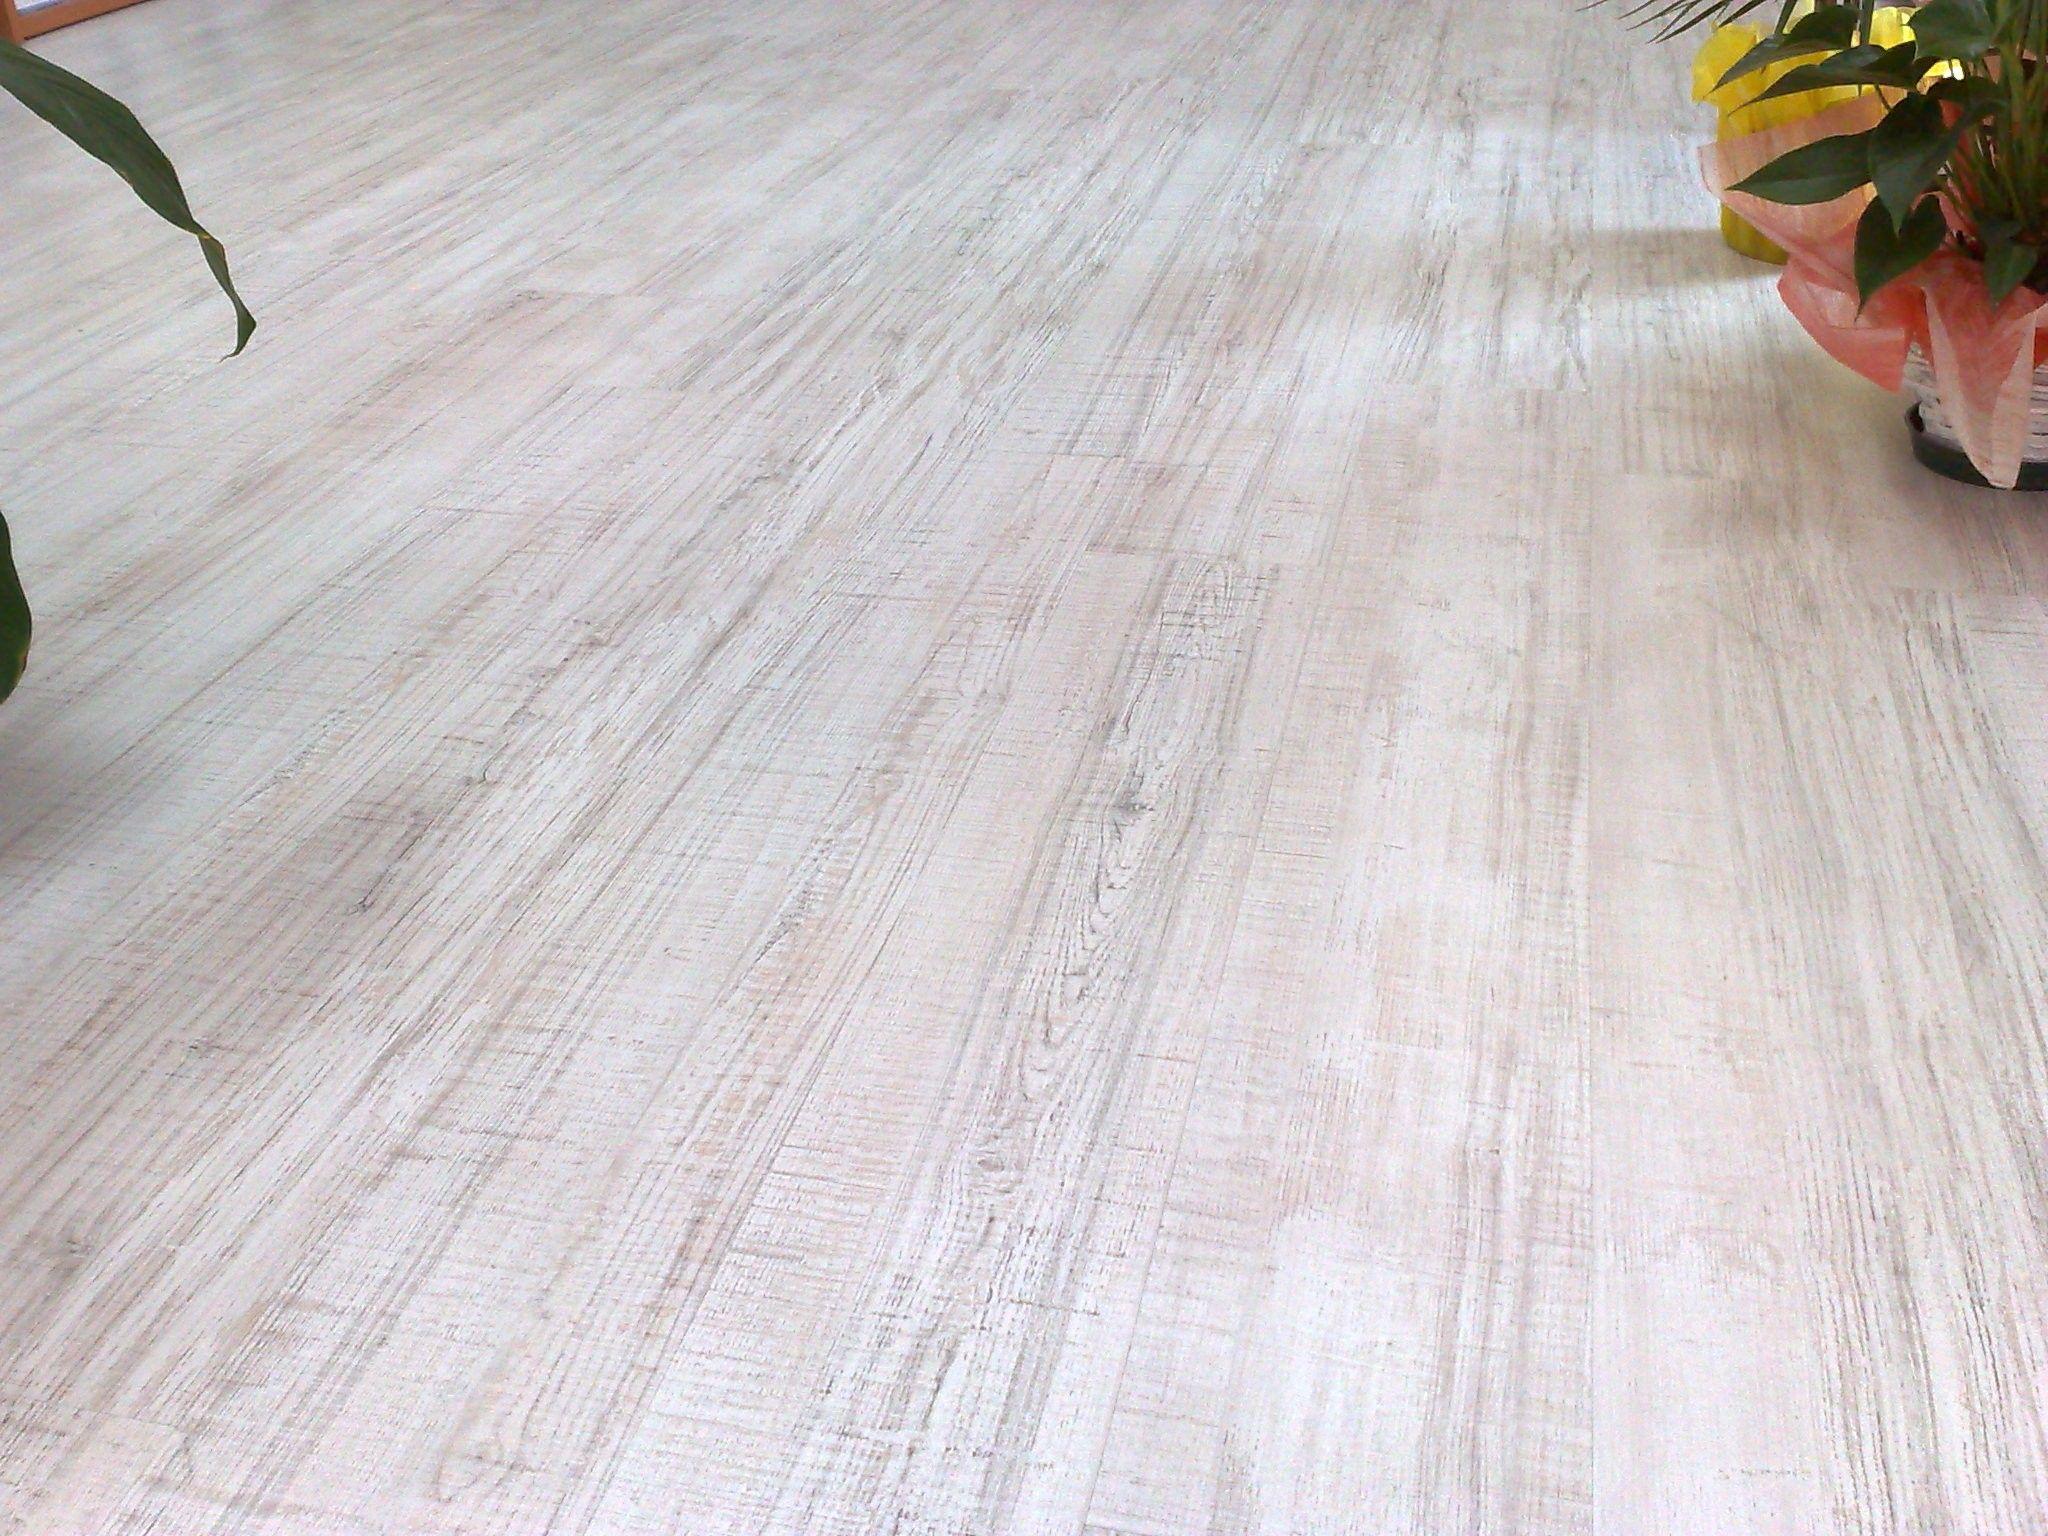 Gres Porcellanato Rovere Sbiancato Prezzo pavimento laminato bianco acero ac4 venato (con immagini